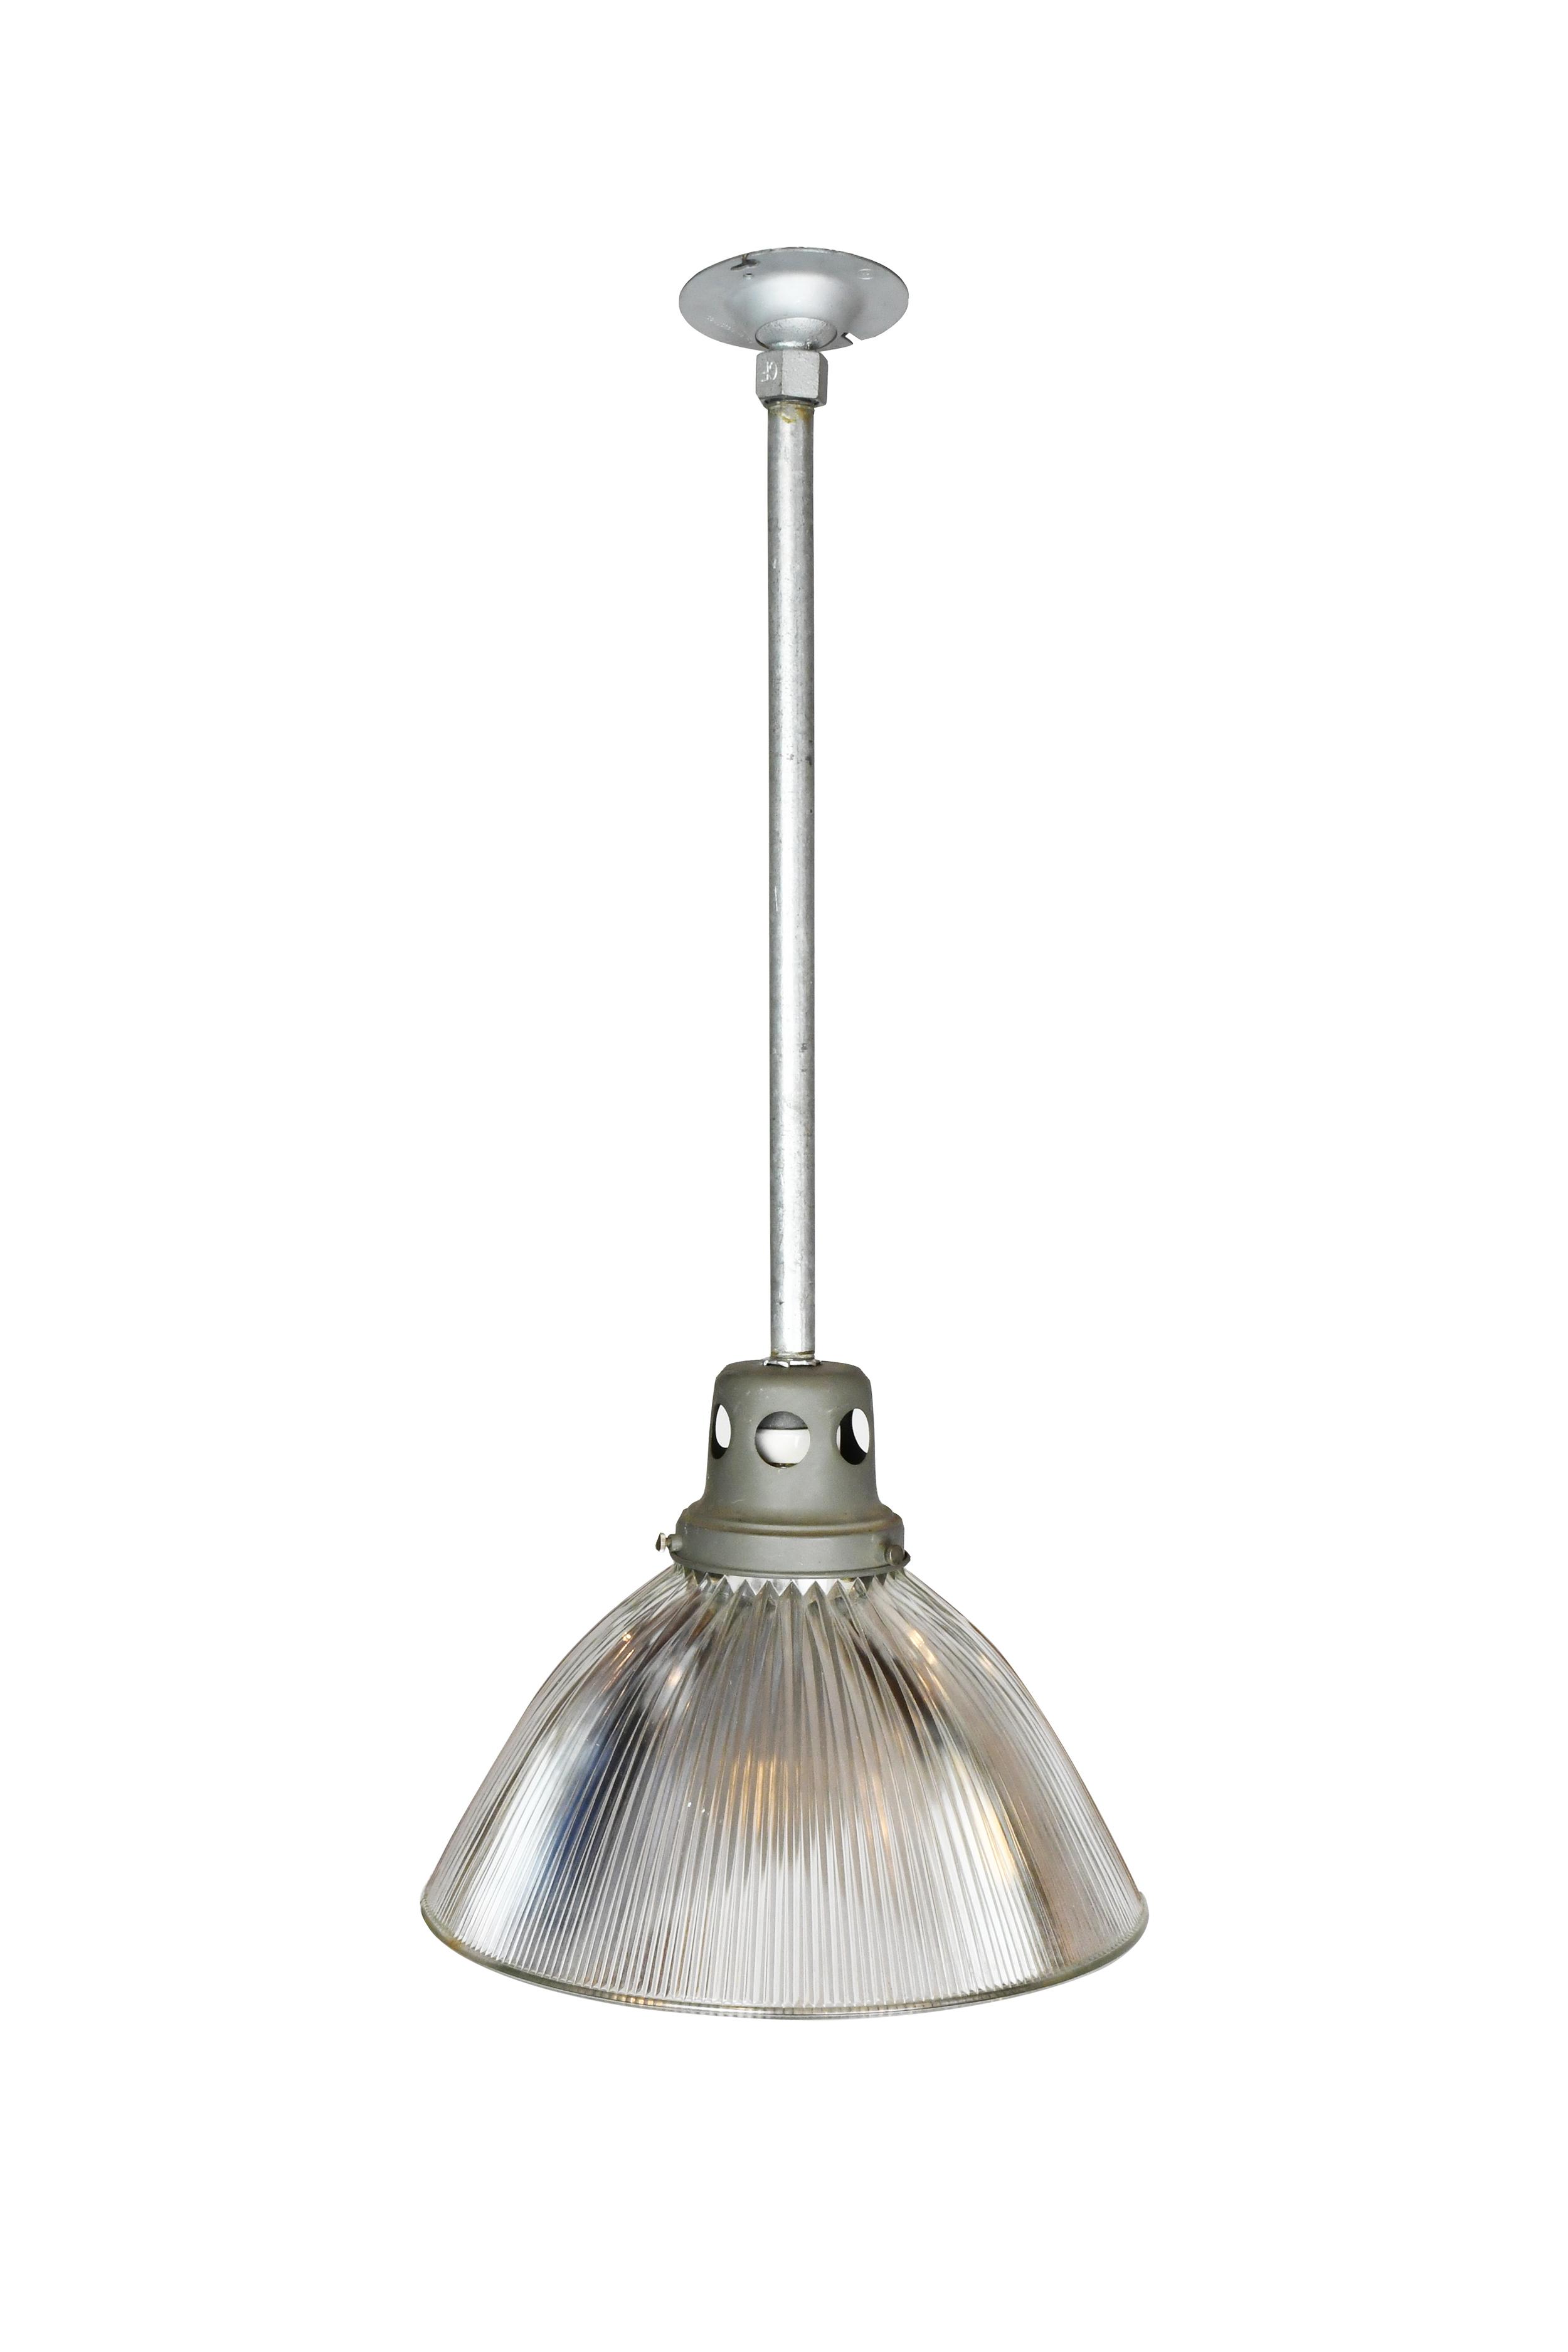 large holophane pendant with reflective shade